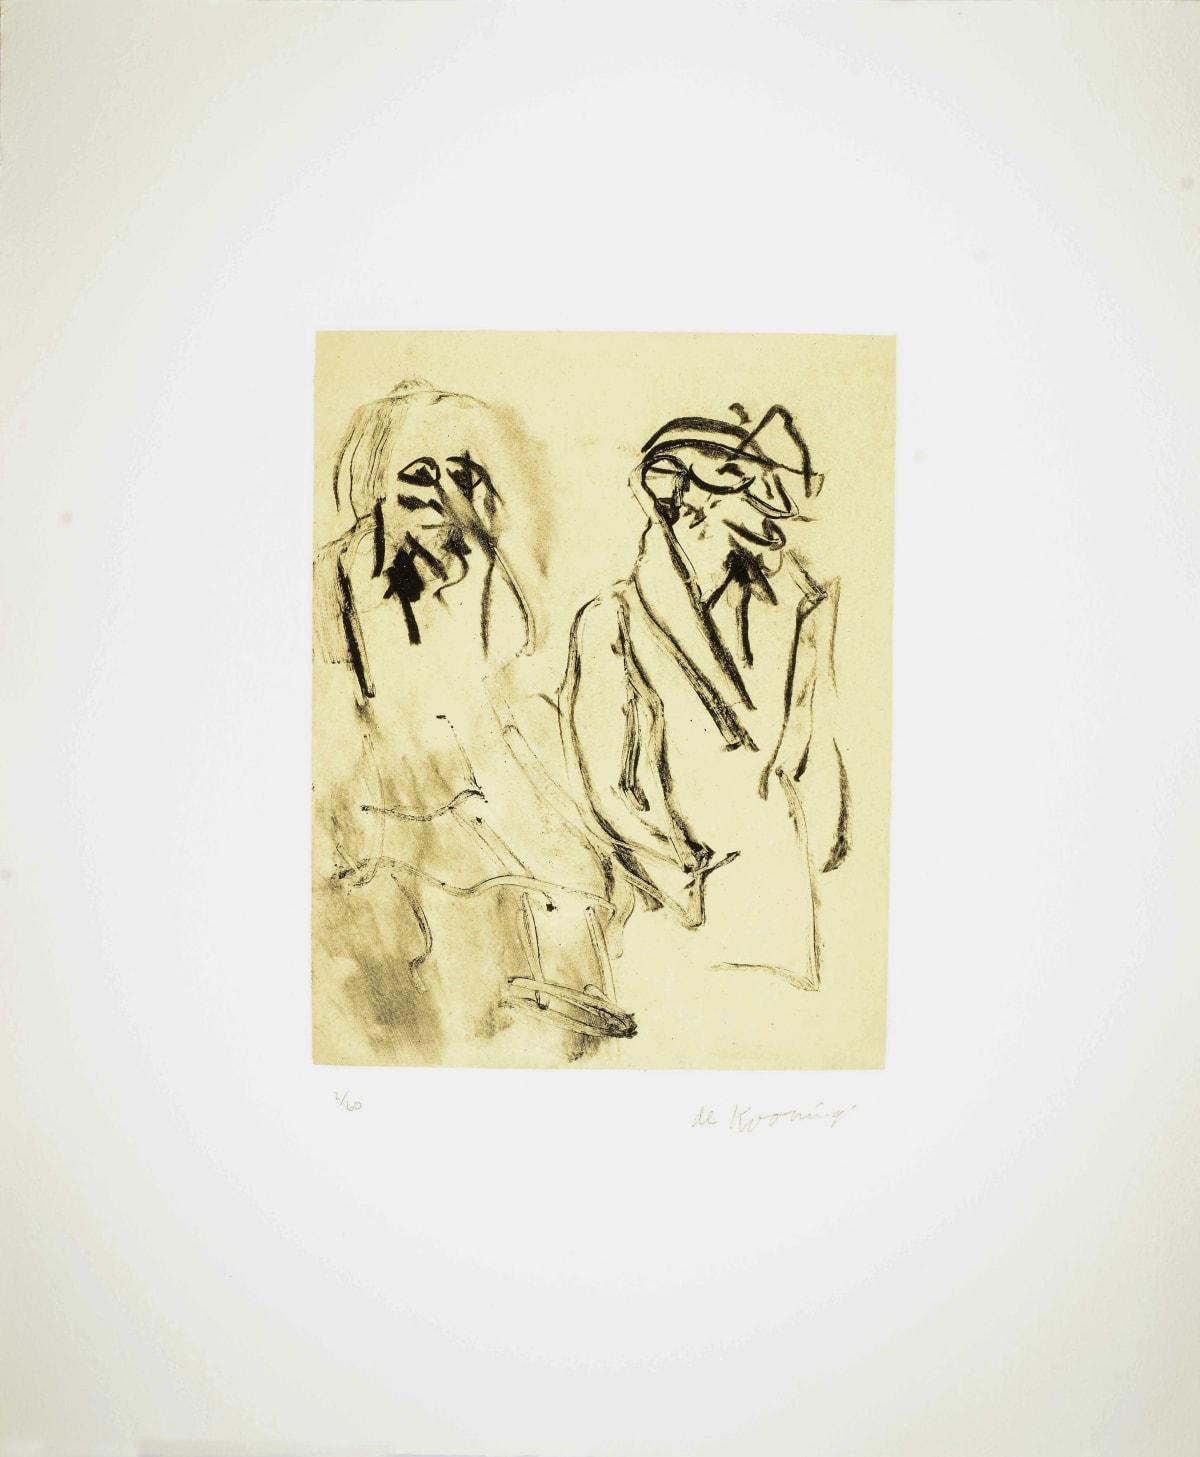 Willem de Kooning, Seventeen Lithographs for Frank O'Hara: Plate VII, 1988